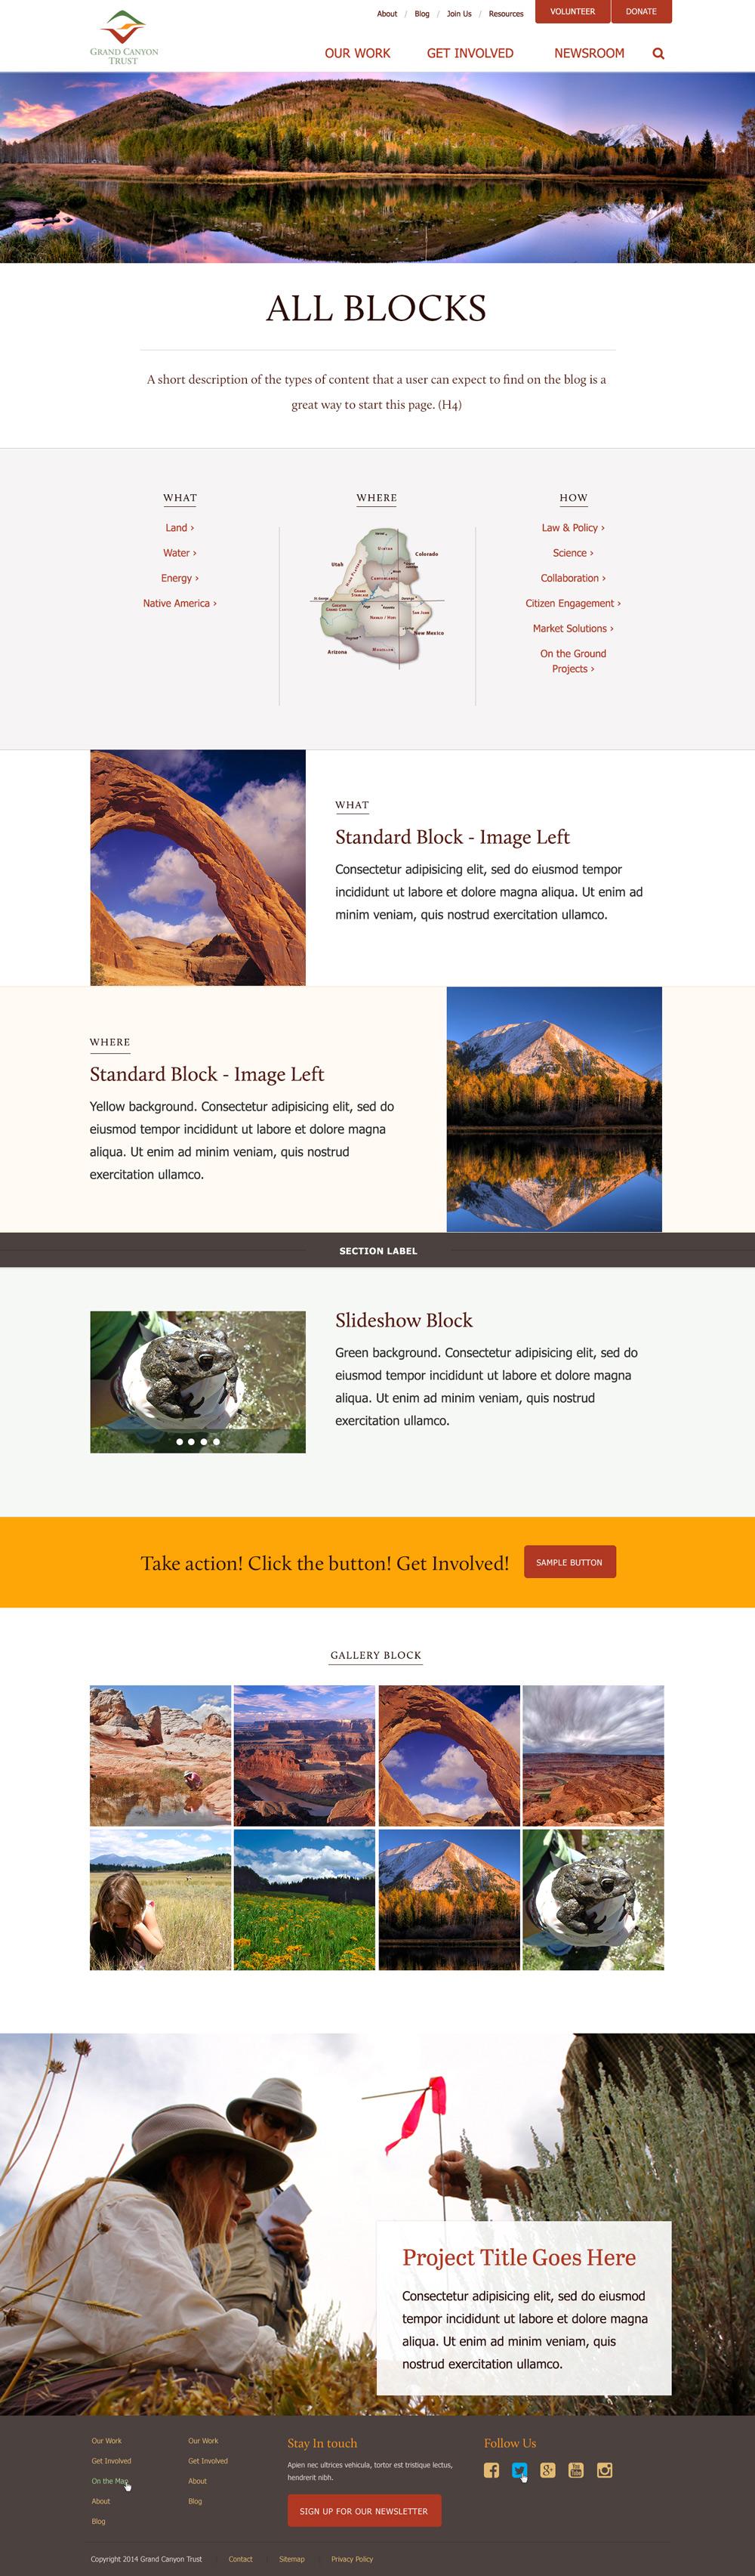 gct-designs-nh-masterblocks_v2-sm